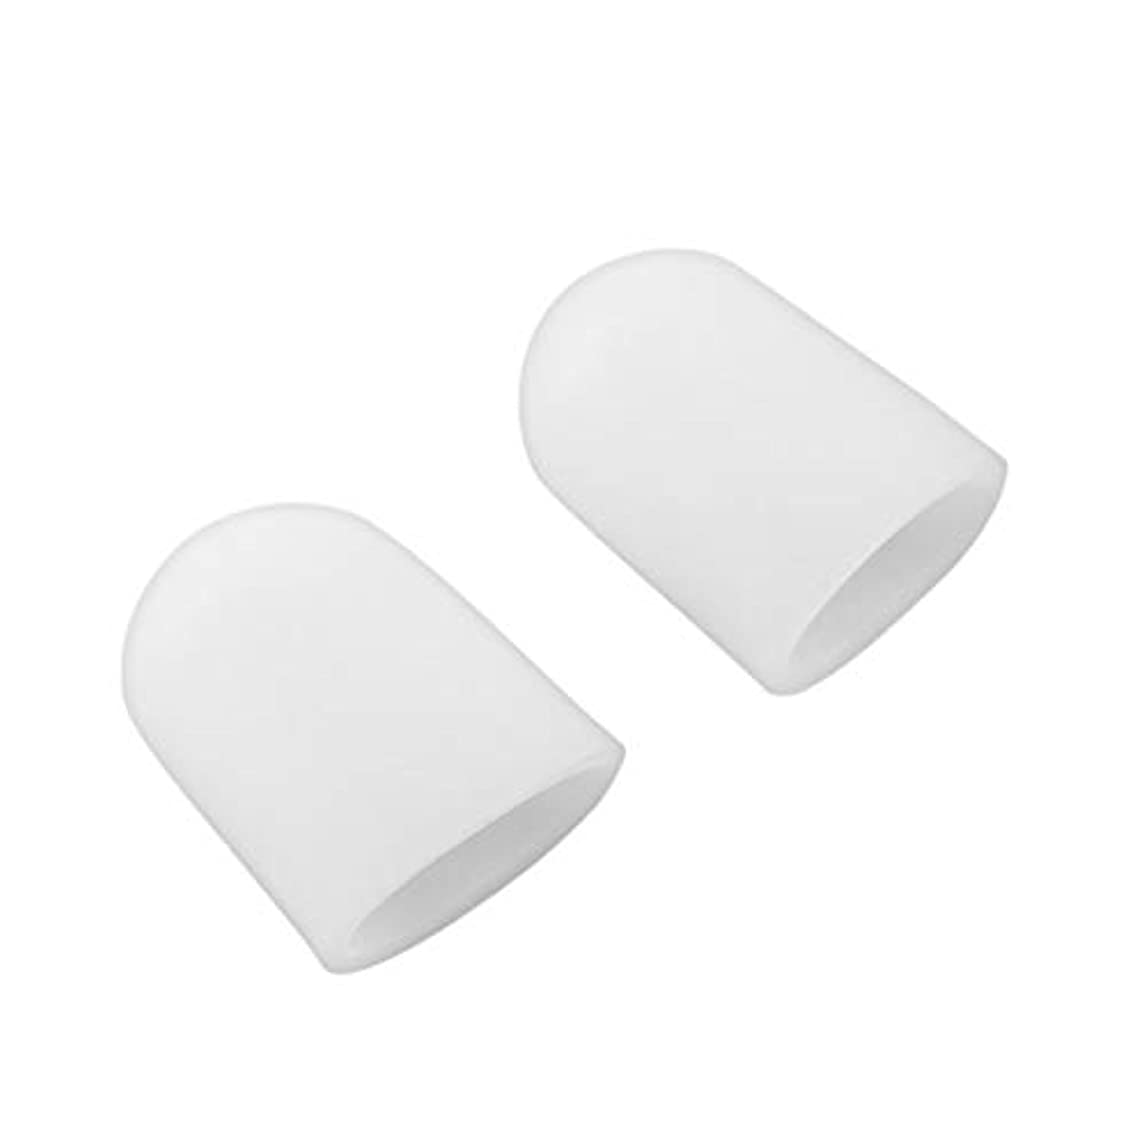 一月シダアシスタントBirdlantern 2ピースシリコンジェルトゥチューブトゥキャップトウクッションクッションコーンリムーバー指のつま先保護ボディマッサージインソールヘルスケア